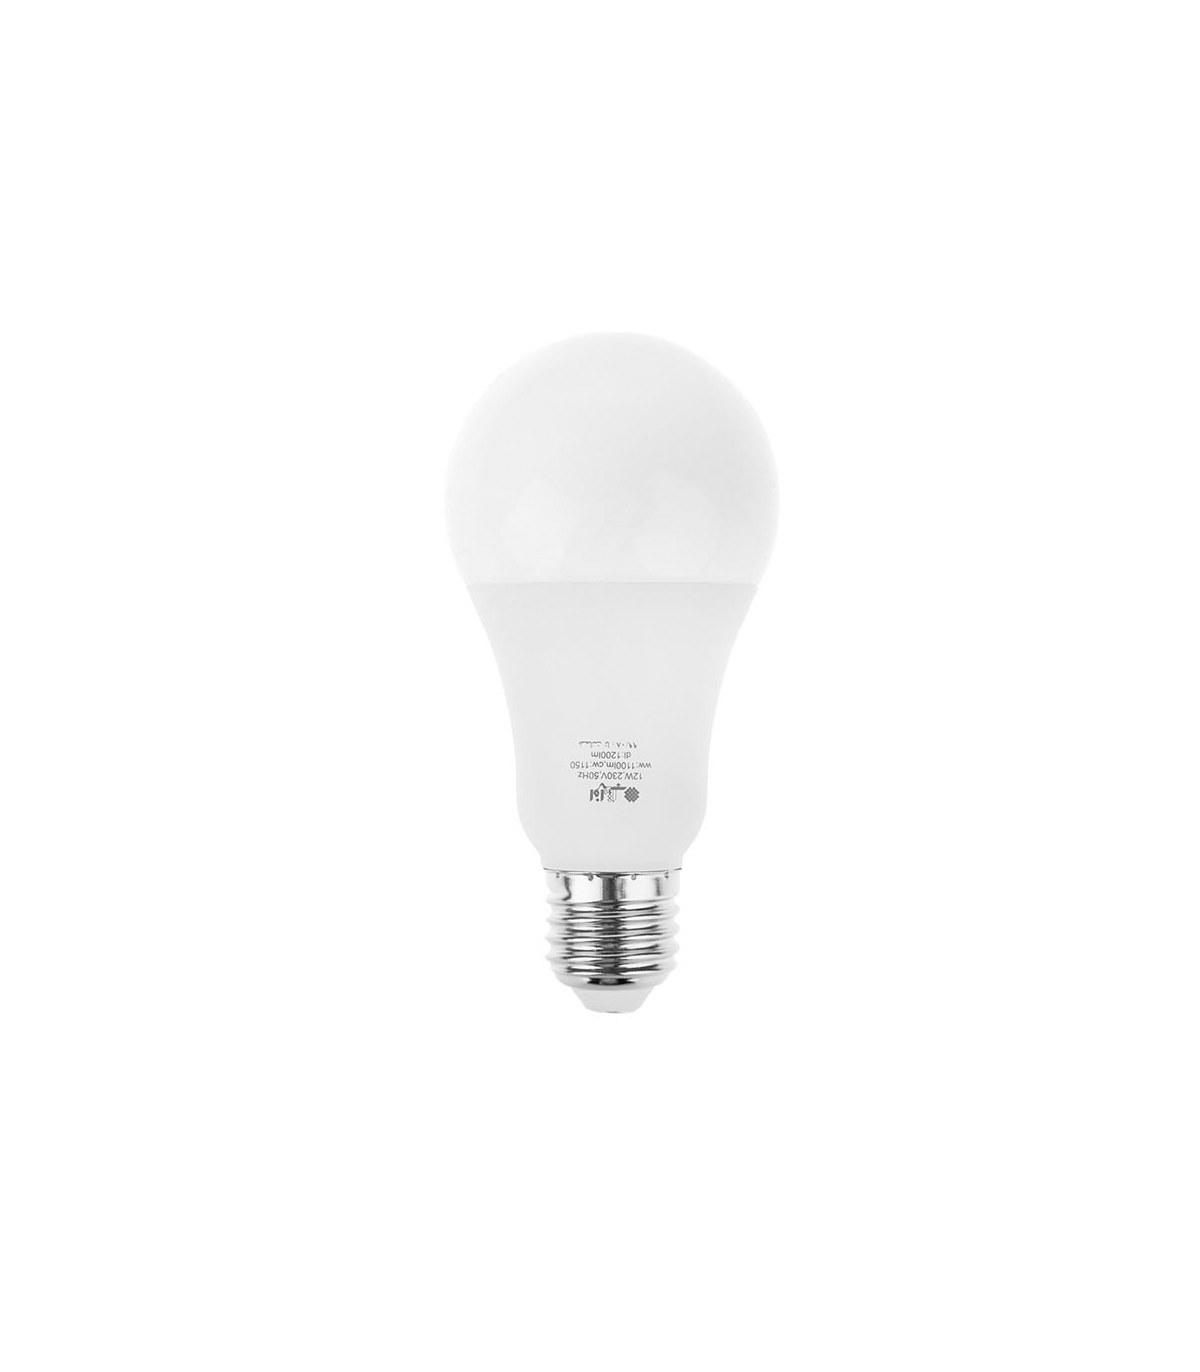 تصویر لامپ ال ای دی 12 وات افراتاب مدل AF-G65-12W پایه E27 LED 12W E27 AFRATAB